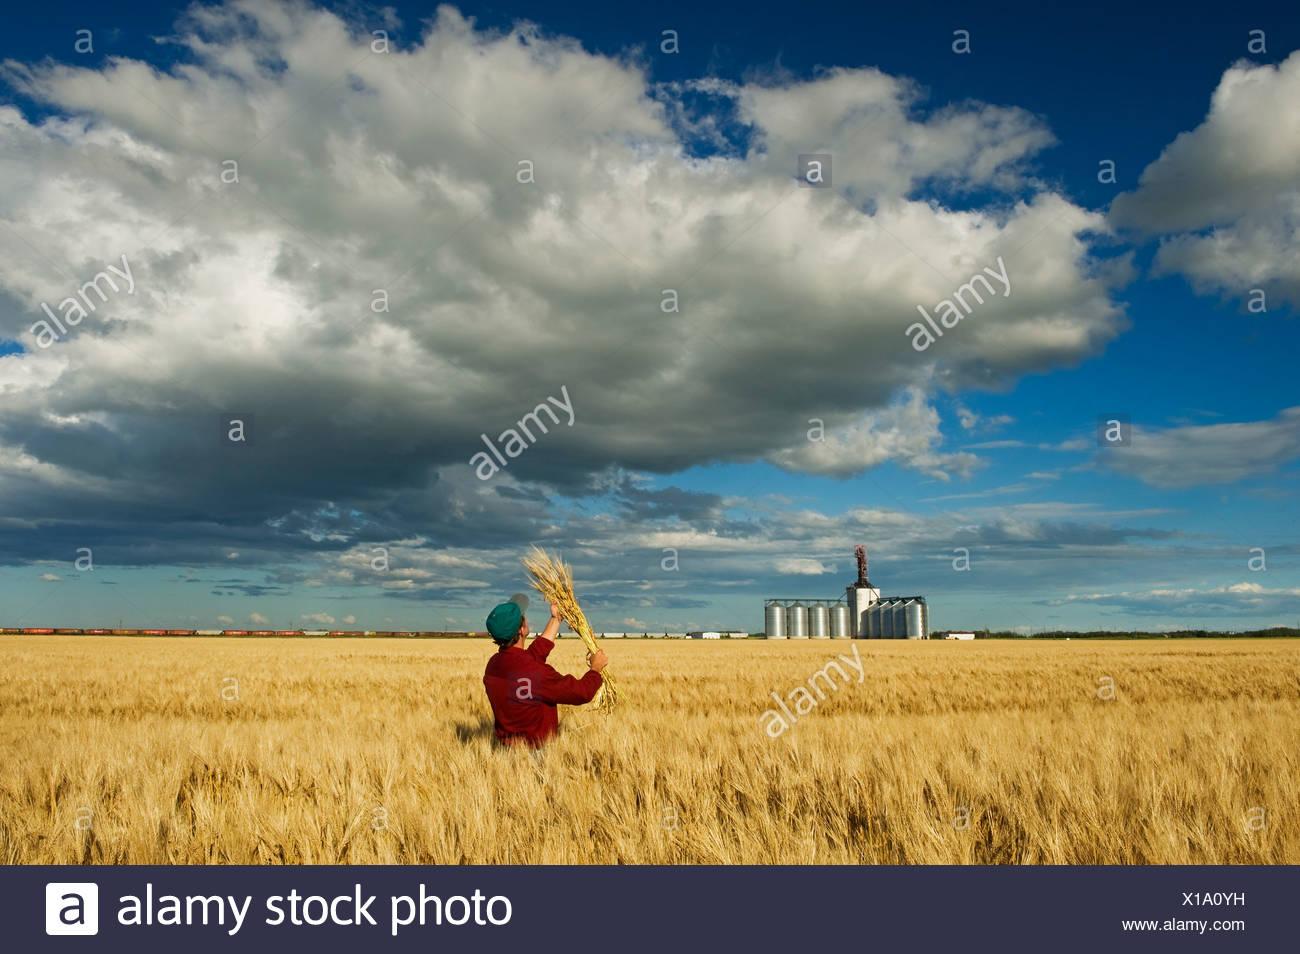 El hombre busca la cebada madura con un terminal de granos del interior y el desarrollo de los cúmulos de nubes en el fondo cerca de Winnipeg, Manitoba Ca Imagen De Stock